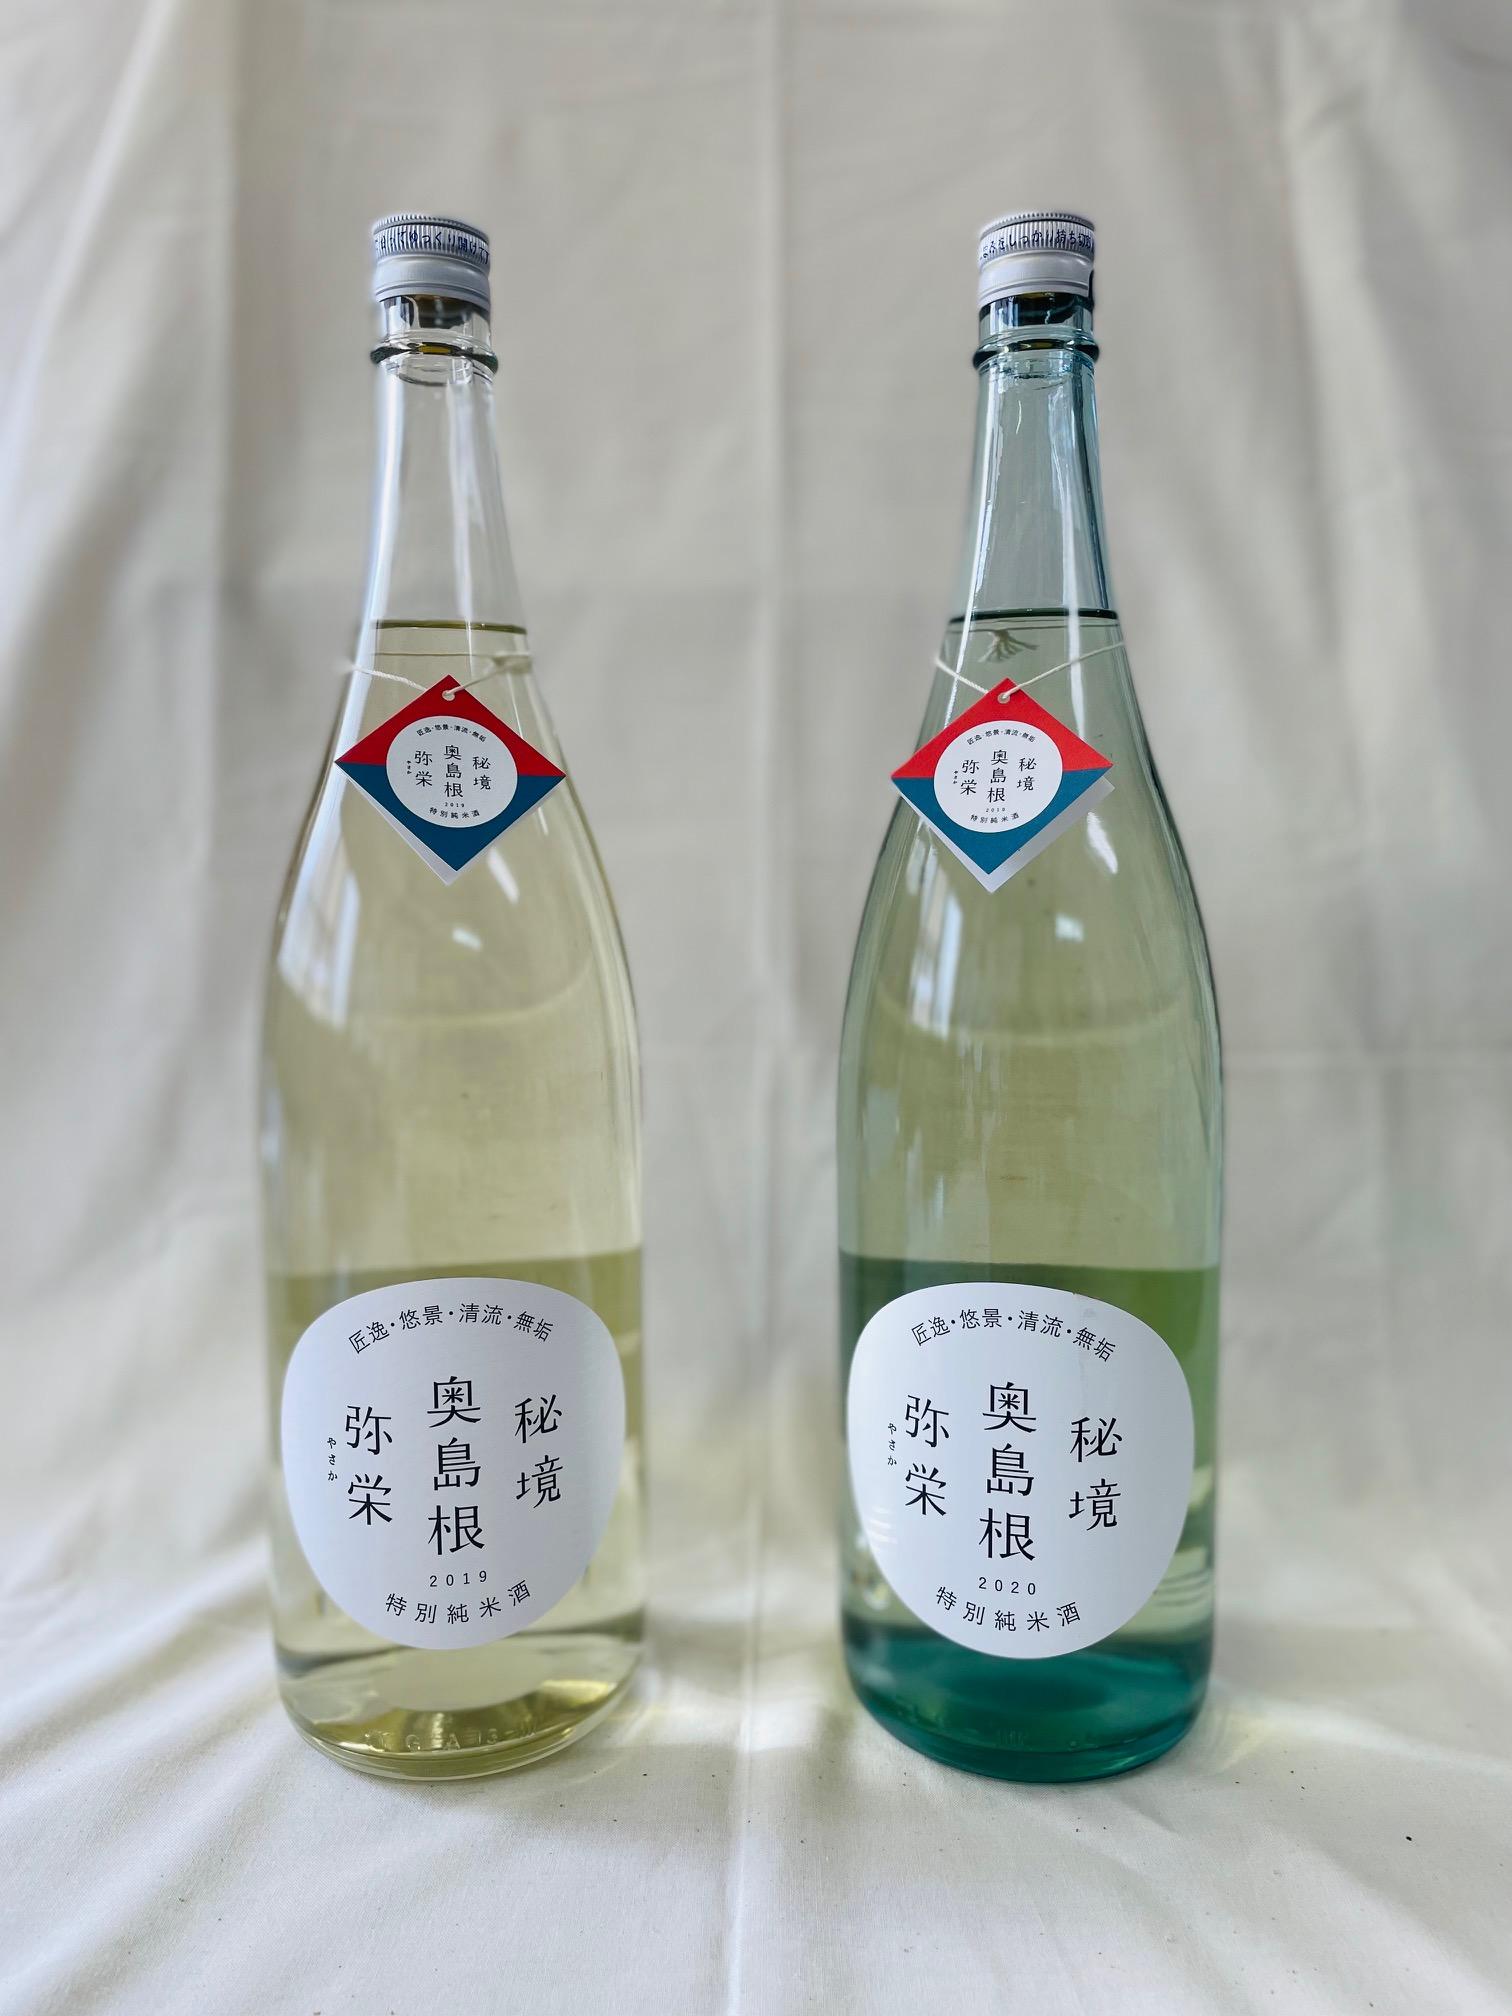 特別純米酒「秘境奥島根弥栄」 ビンテージ 飲み比べセット 1800ml2本